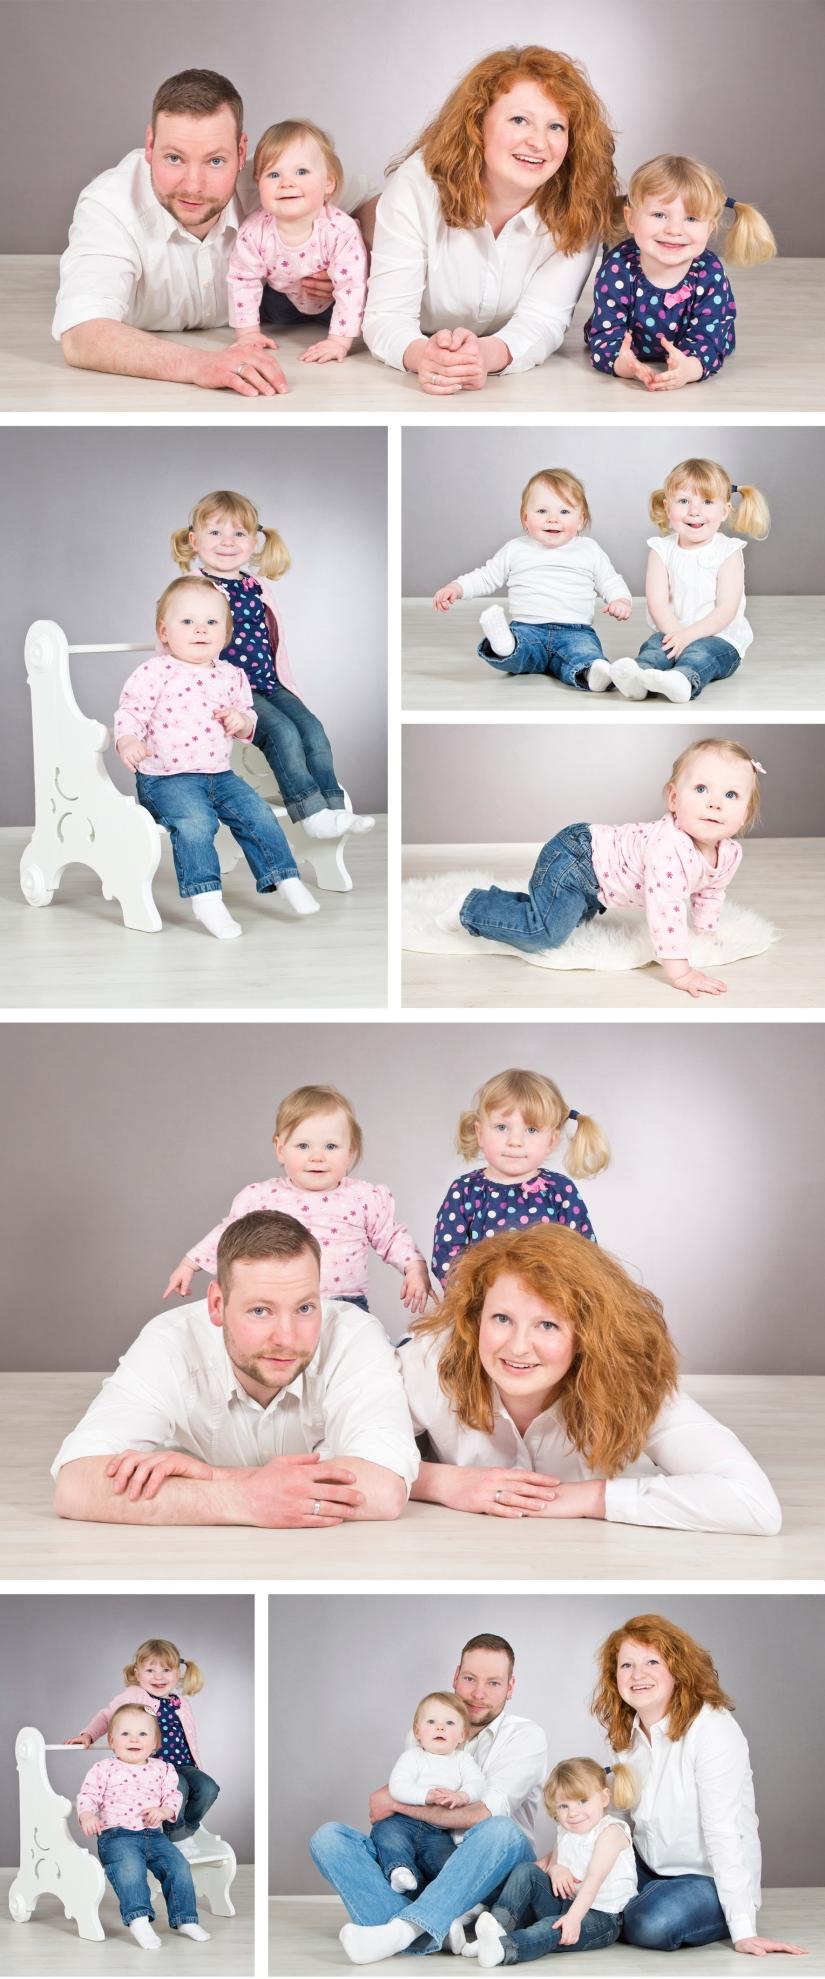 Familienfotos Villingen-Schwenningen